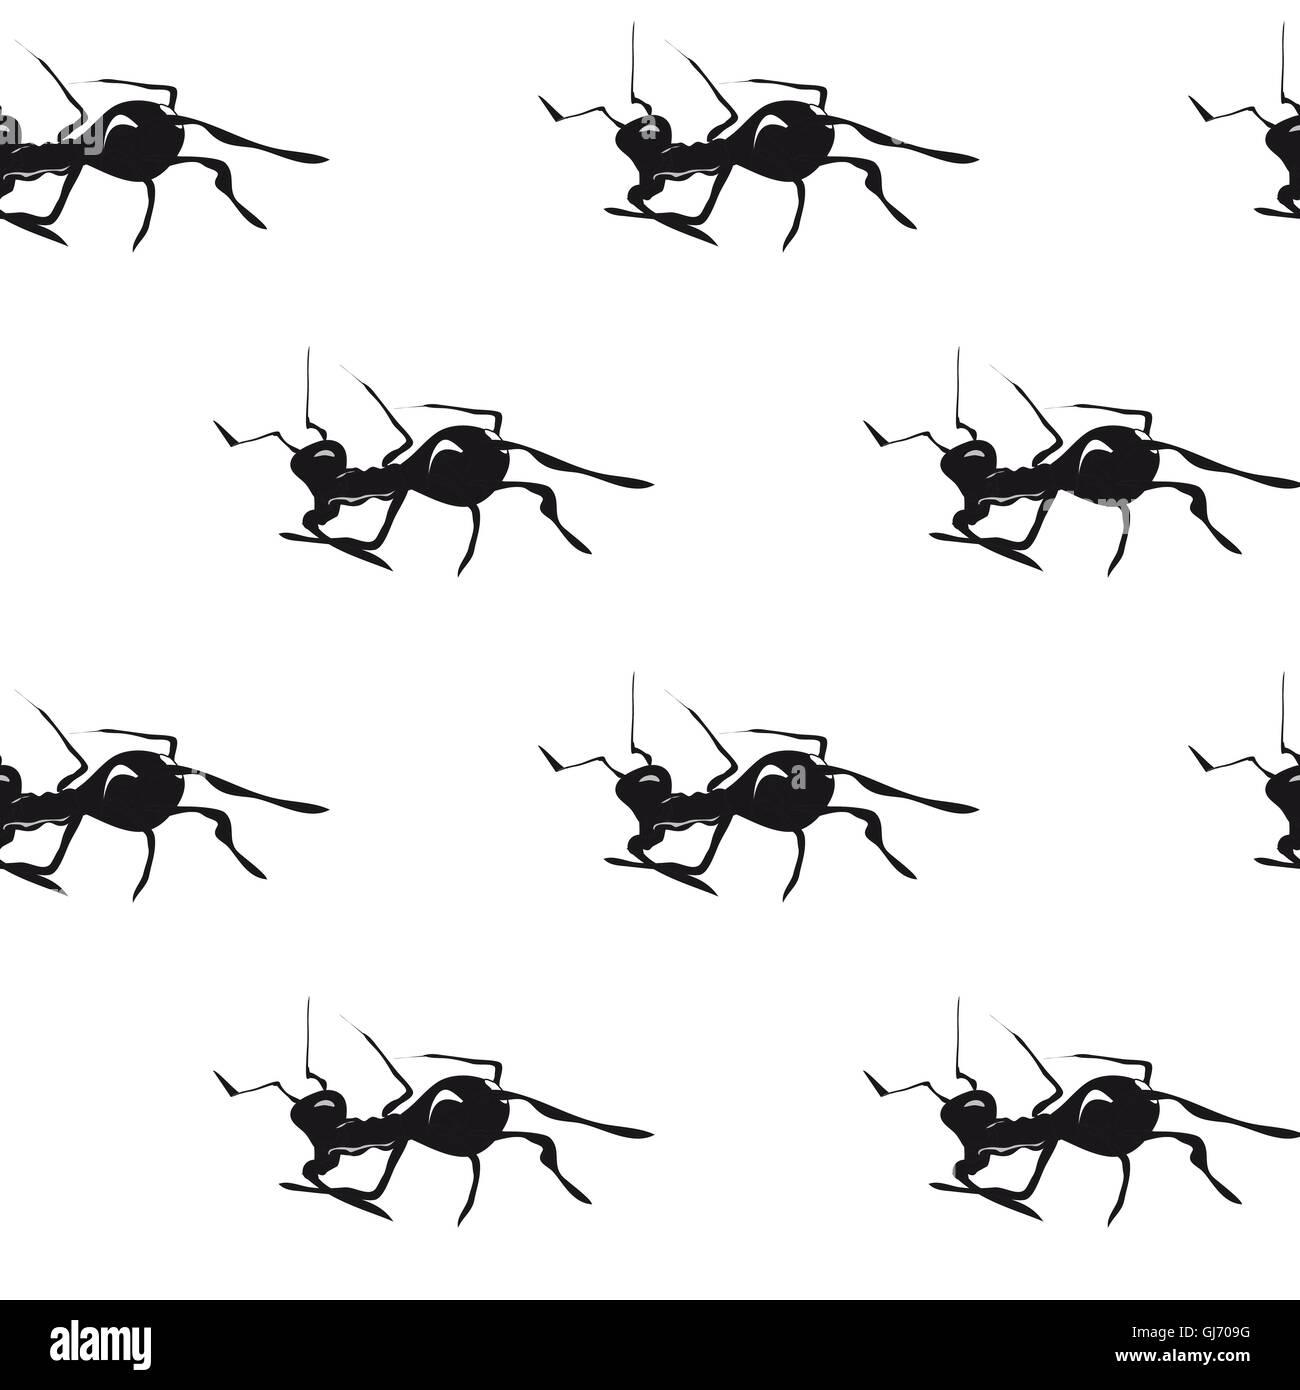 Ameisen. Hand gezeichnet Vektor nahtlose Muster. Stockbild